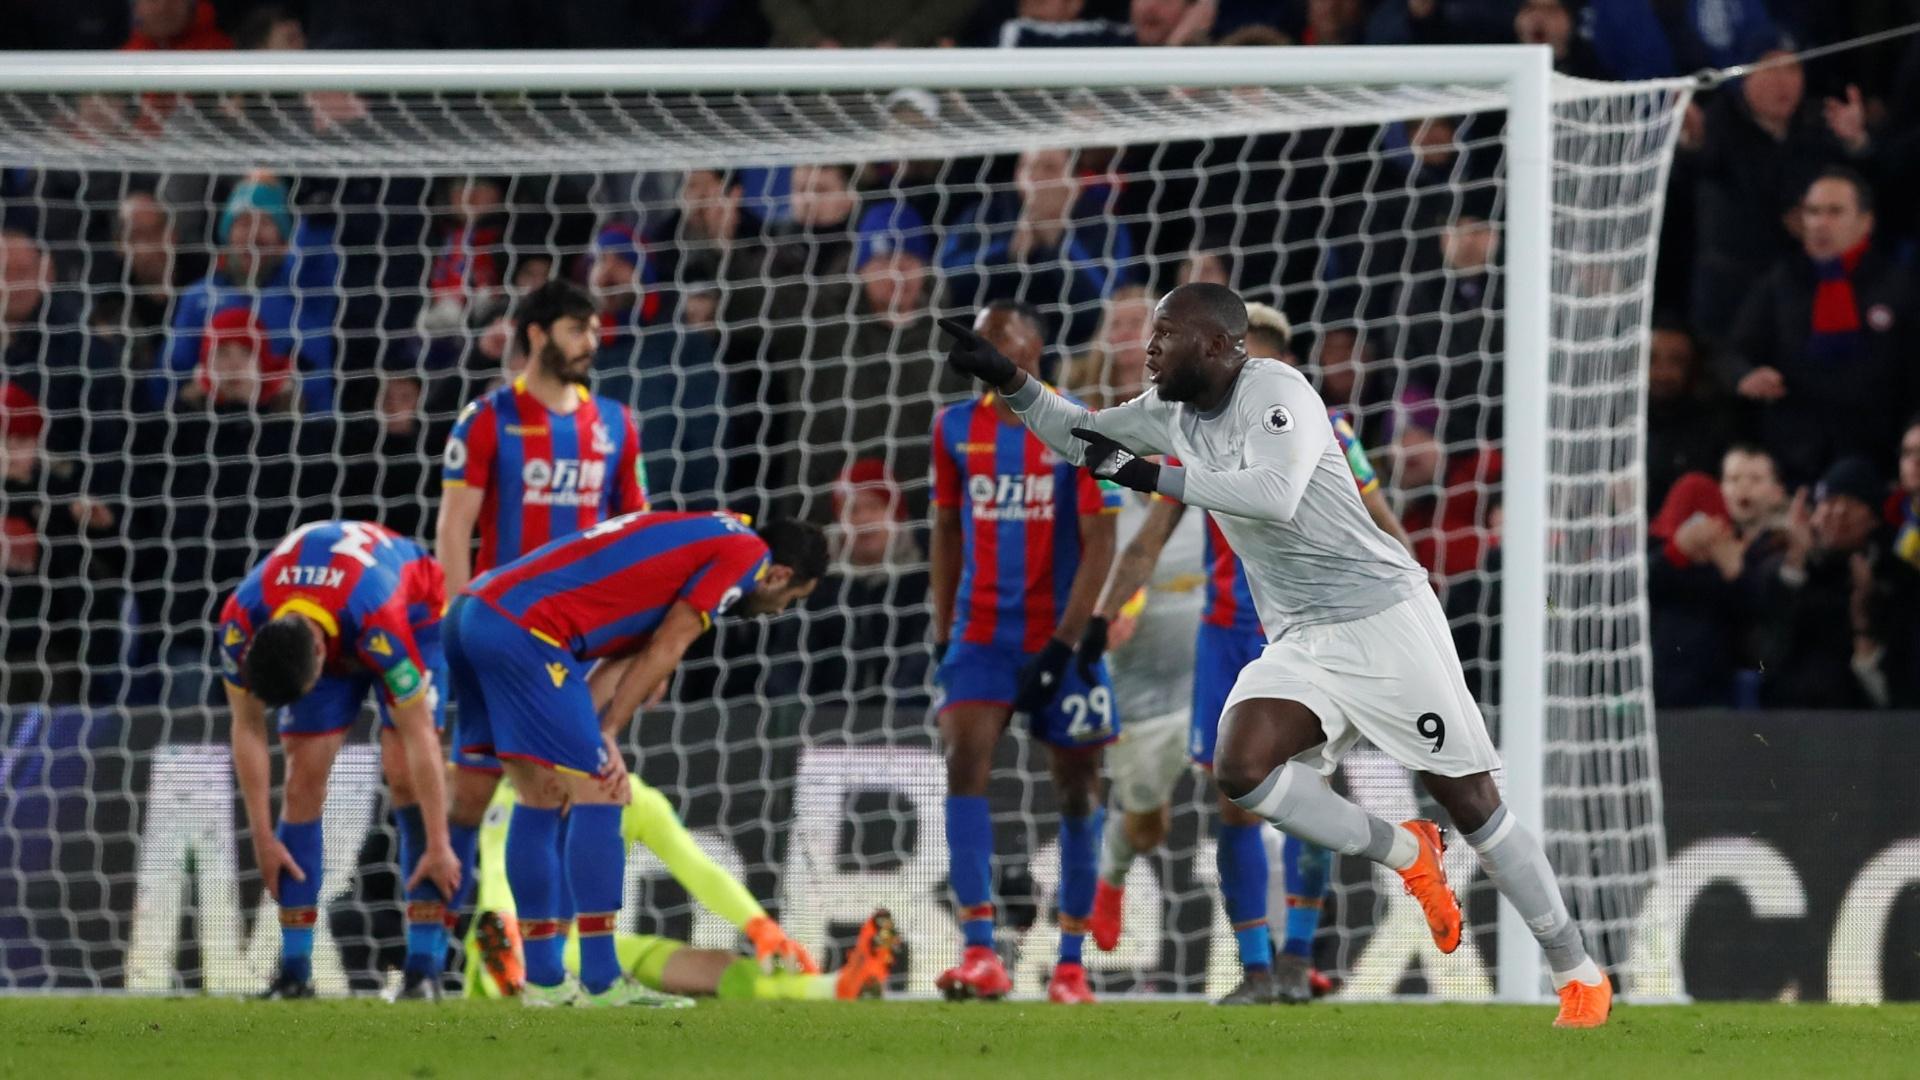 Lukaku comemora após fazer o gol de empate para o Manchester United